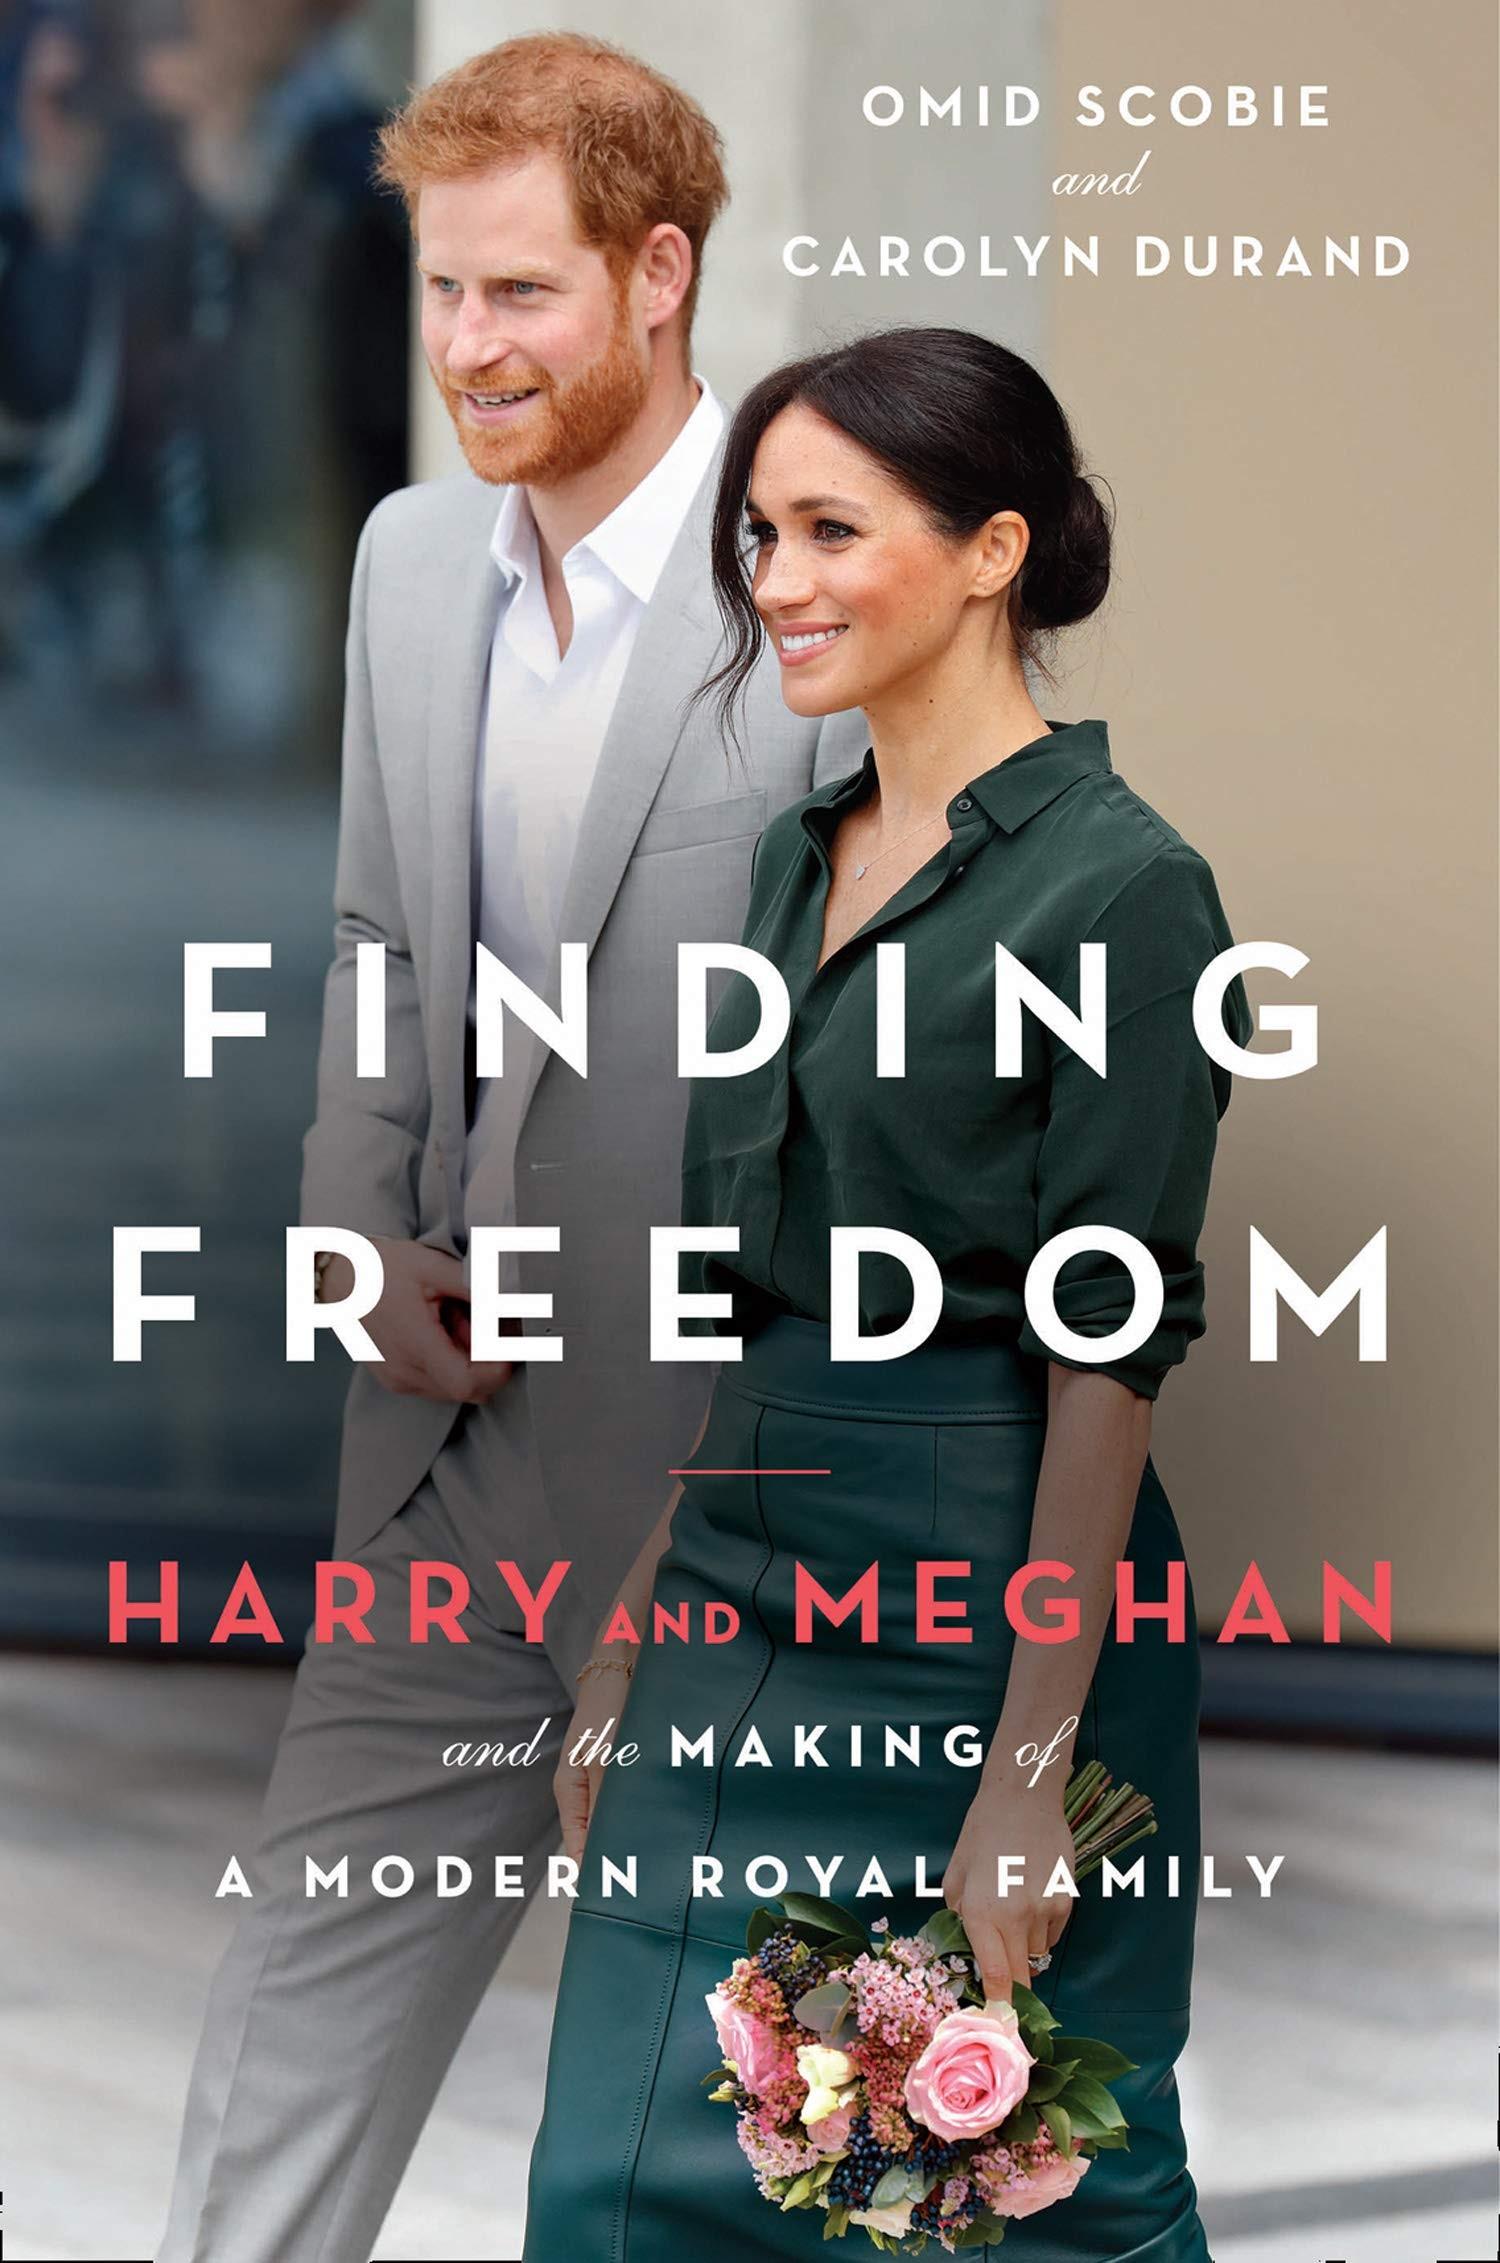 غلاف العثور على الحرية هاري ميجان.jpg